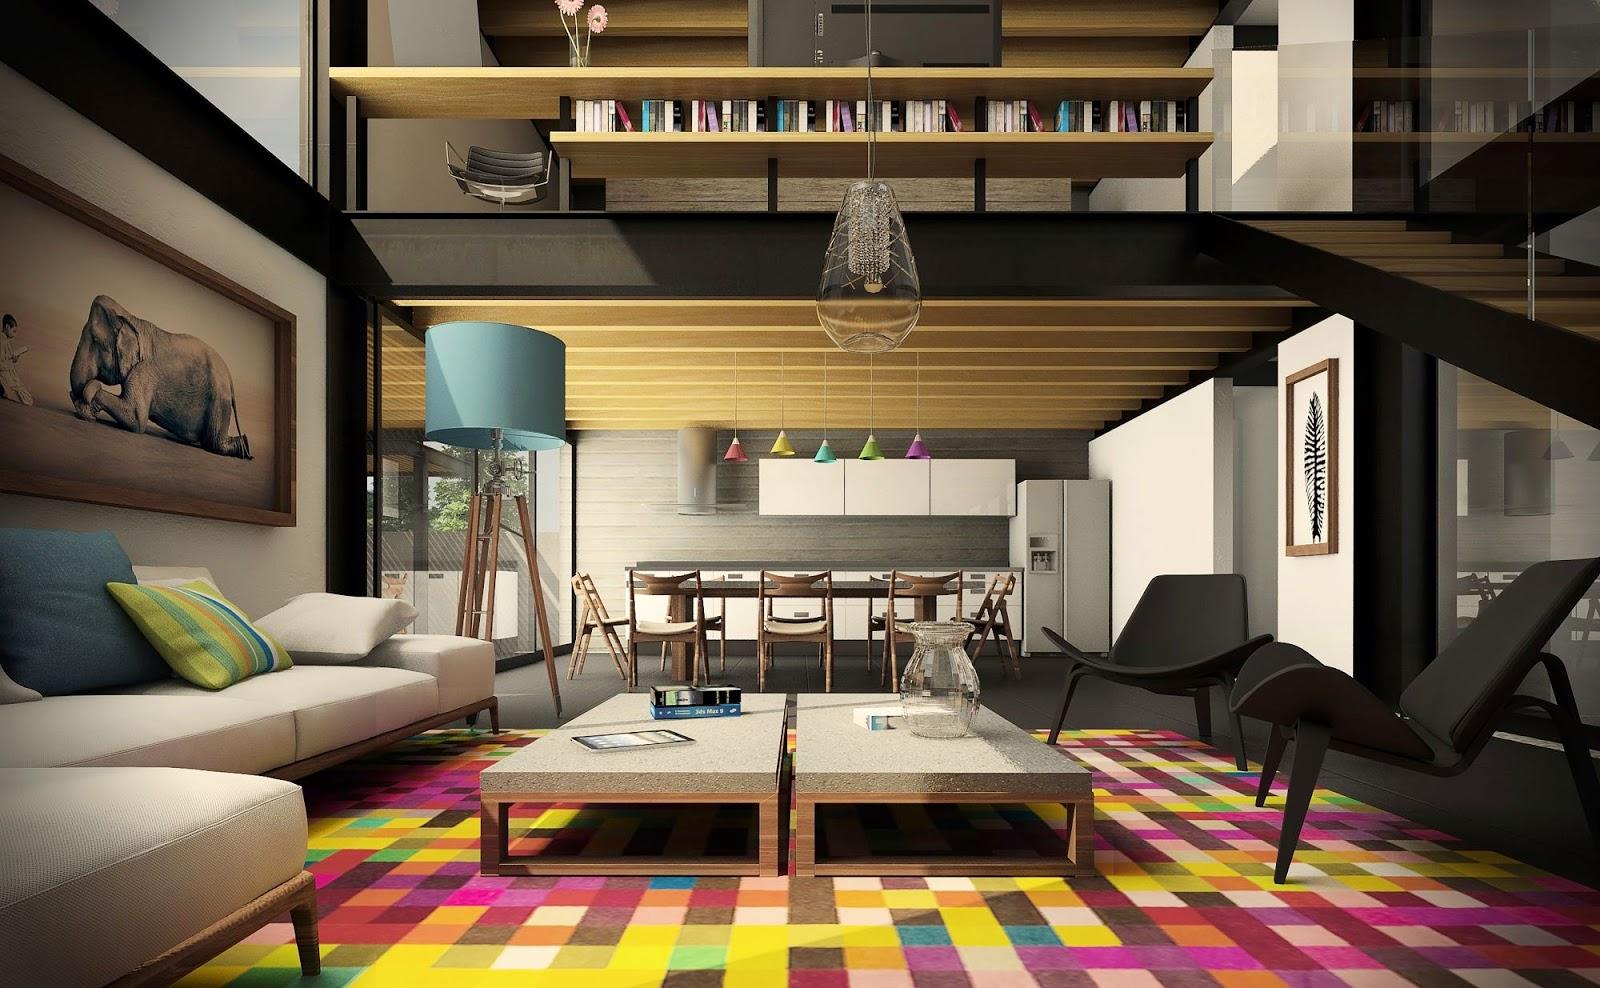 Ehrfürchtig stilvolle städtische Wohnzimmer-Räume - Modernes Haus Design